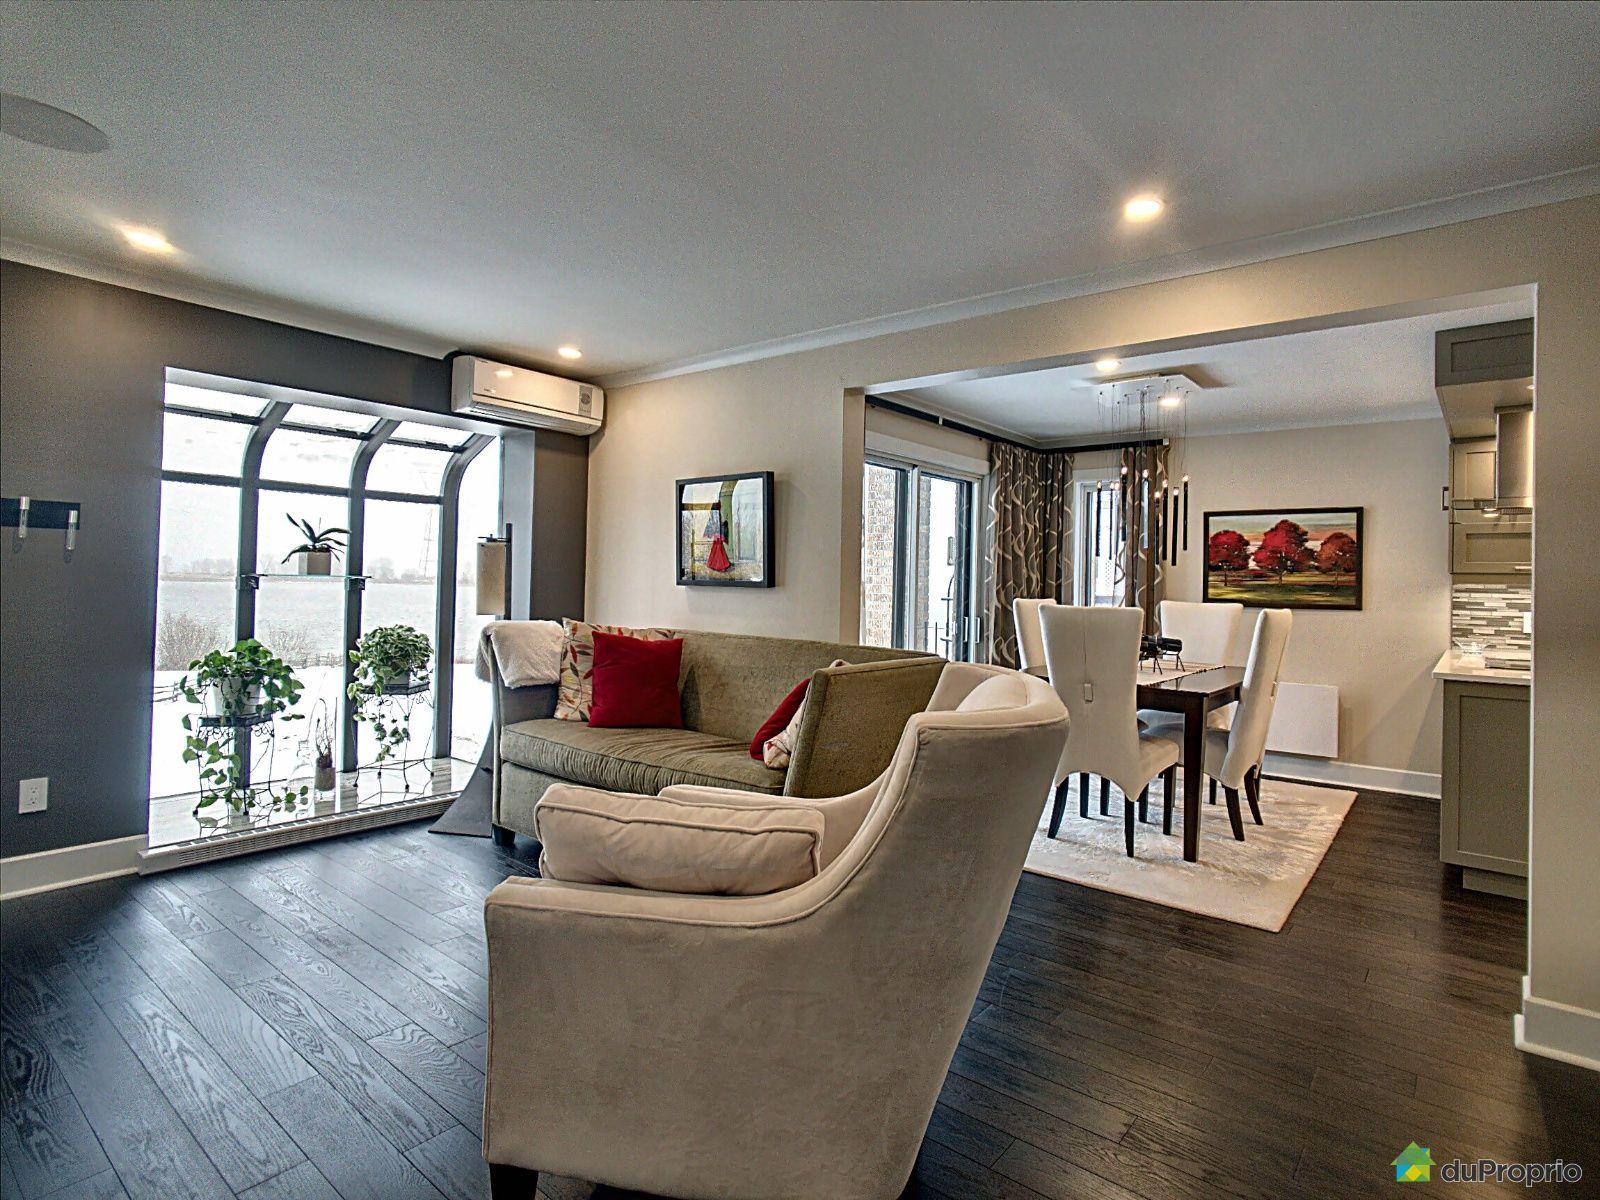 201-11 34e Avenue, Pointe-Aux-Trembles / Montréal-Est for sale